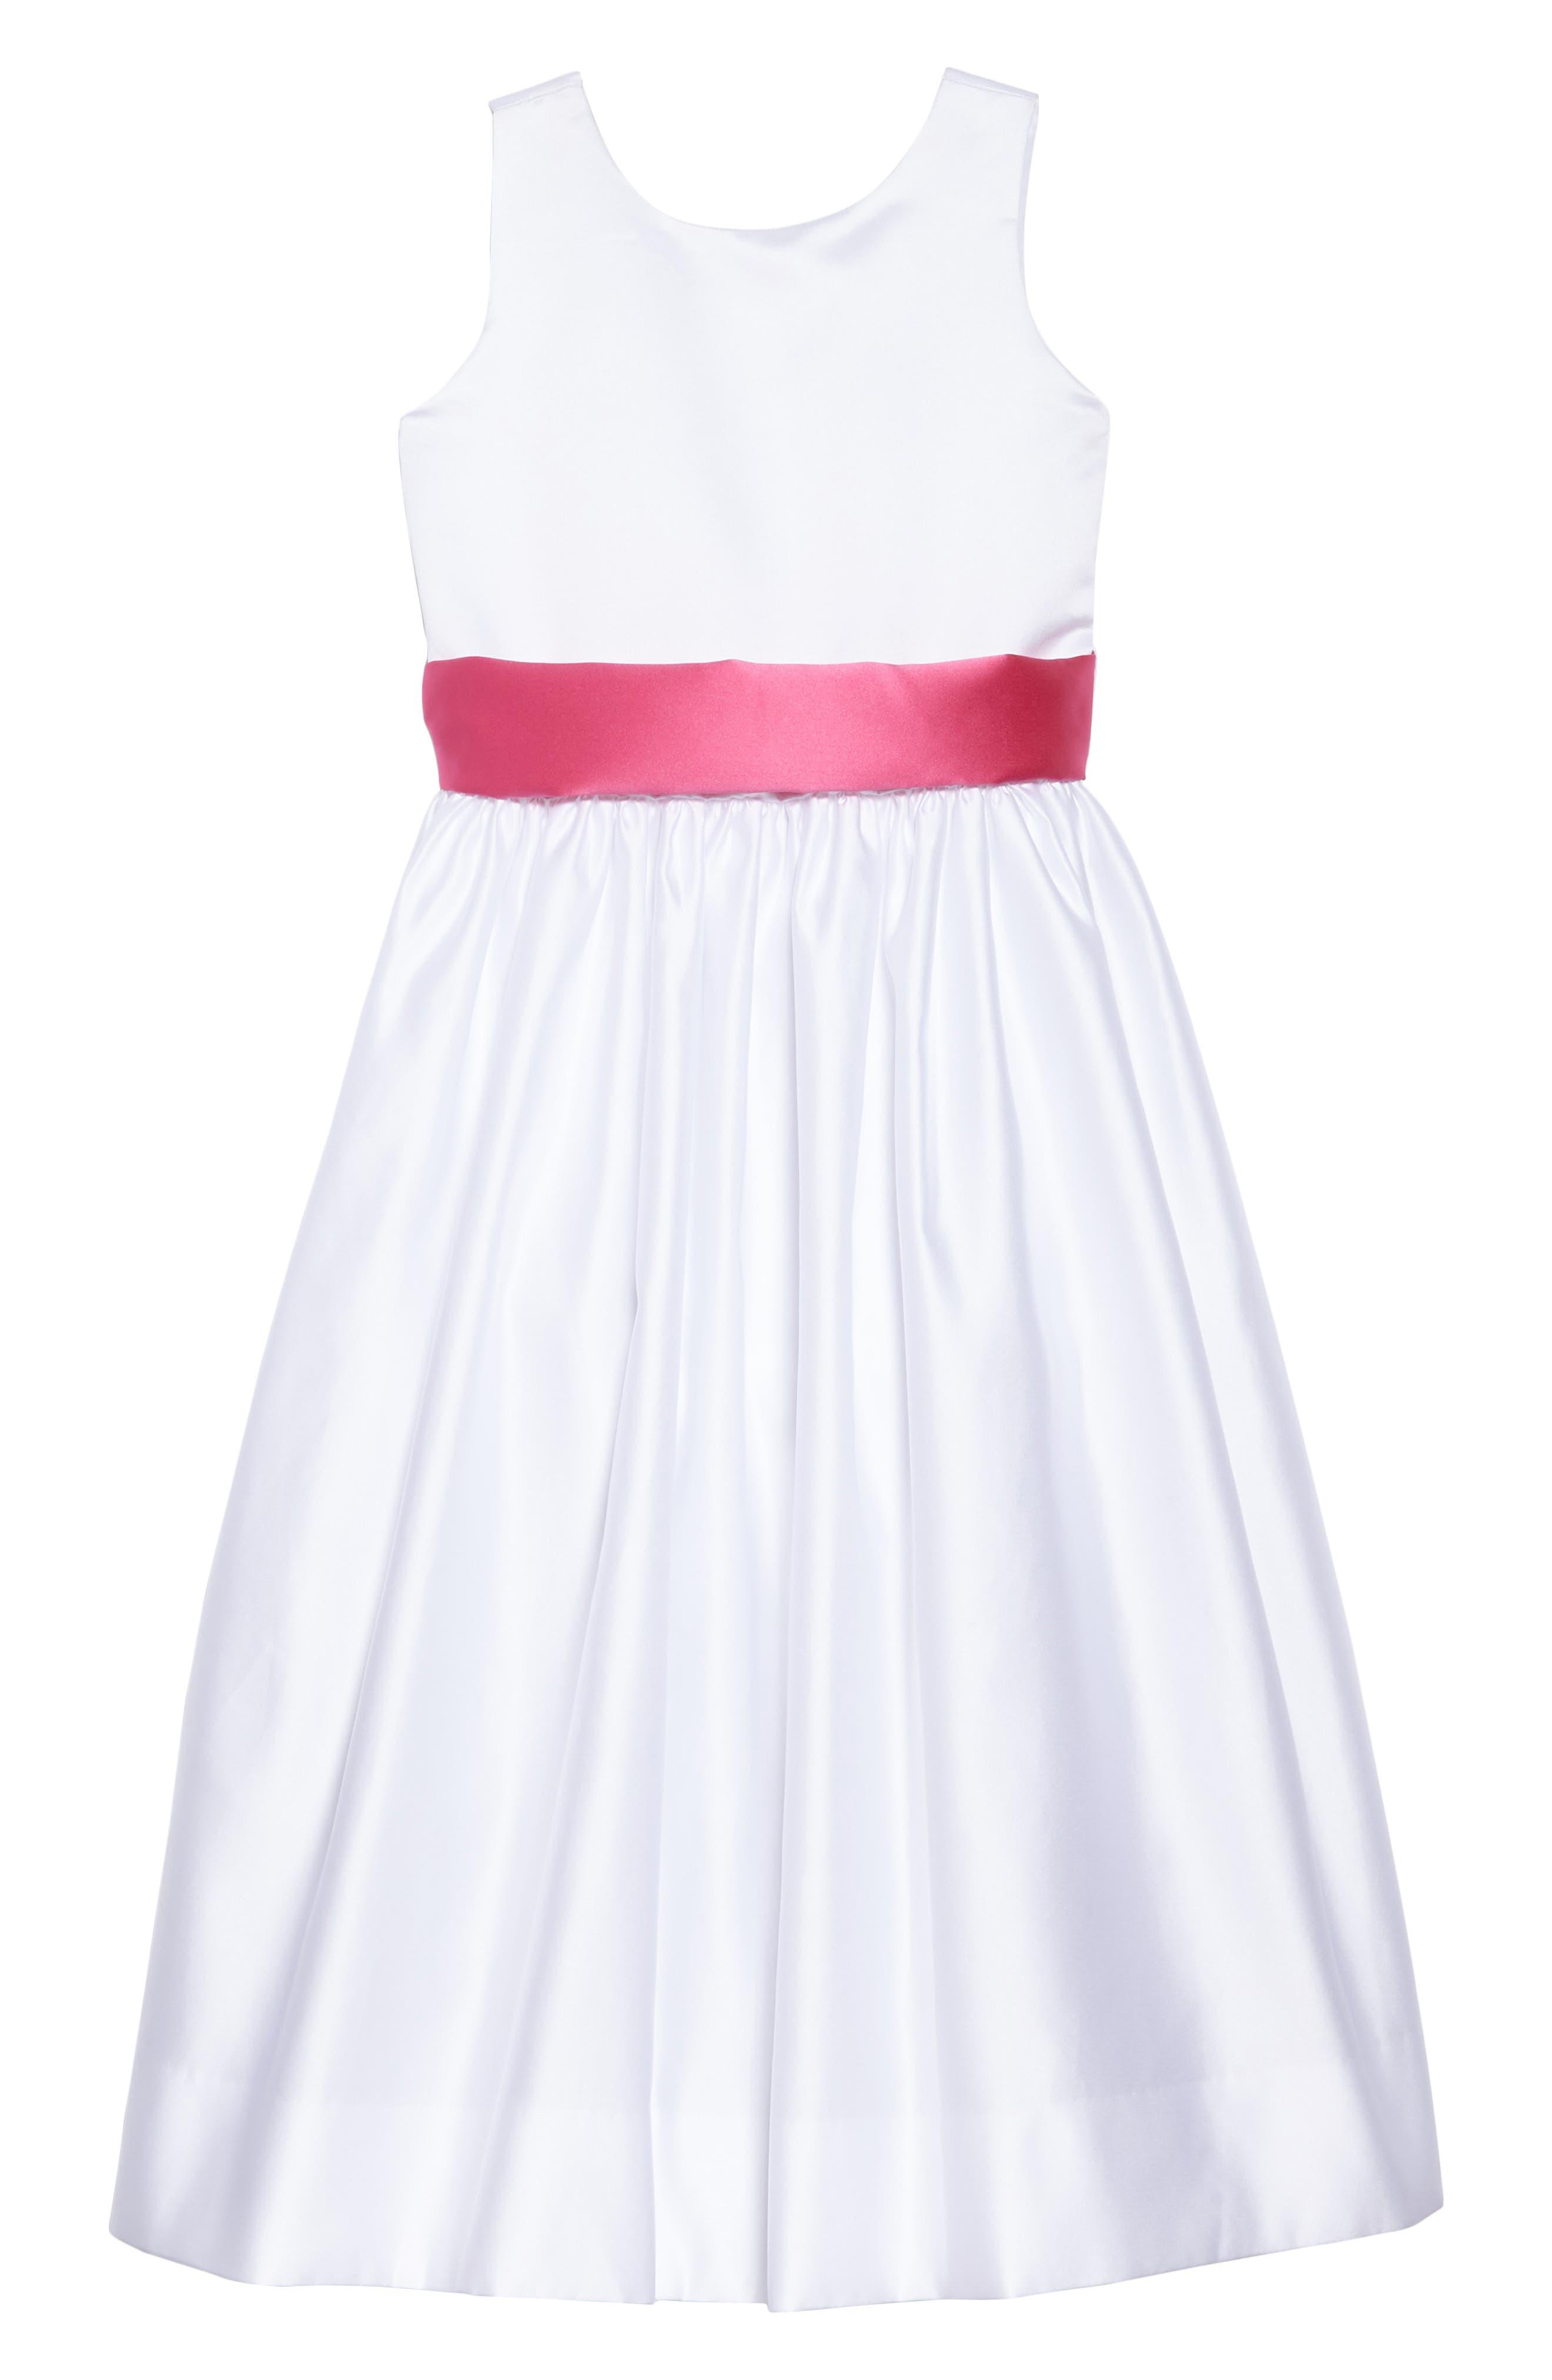 White Tank Dress with Satin Sash,                             Main thumbnail 1, color,                             White/ fuchsia